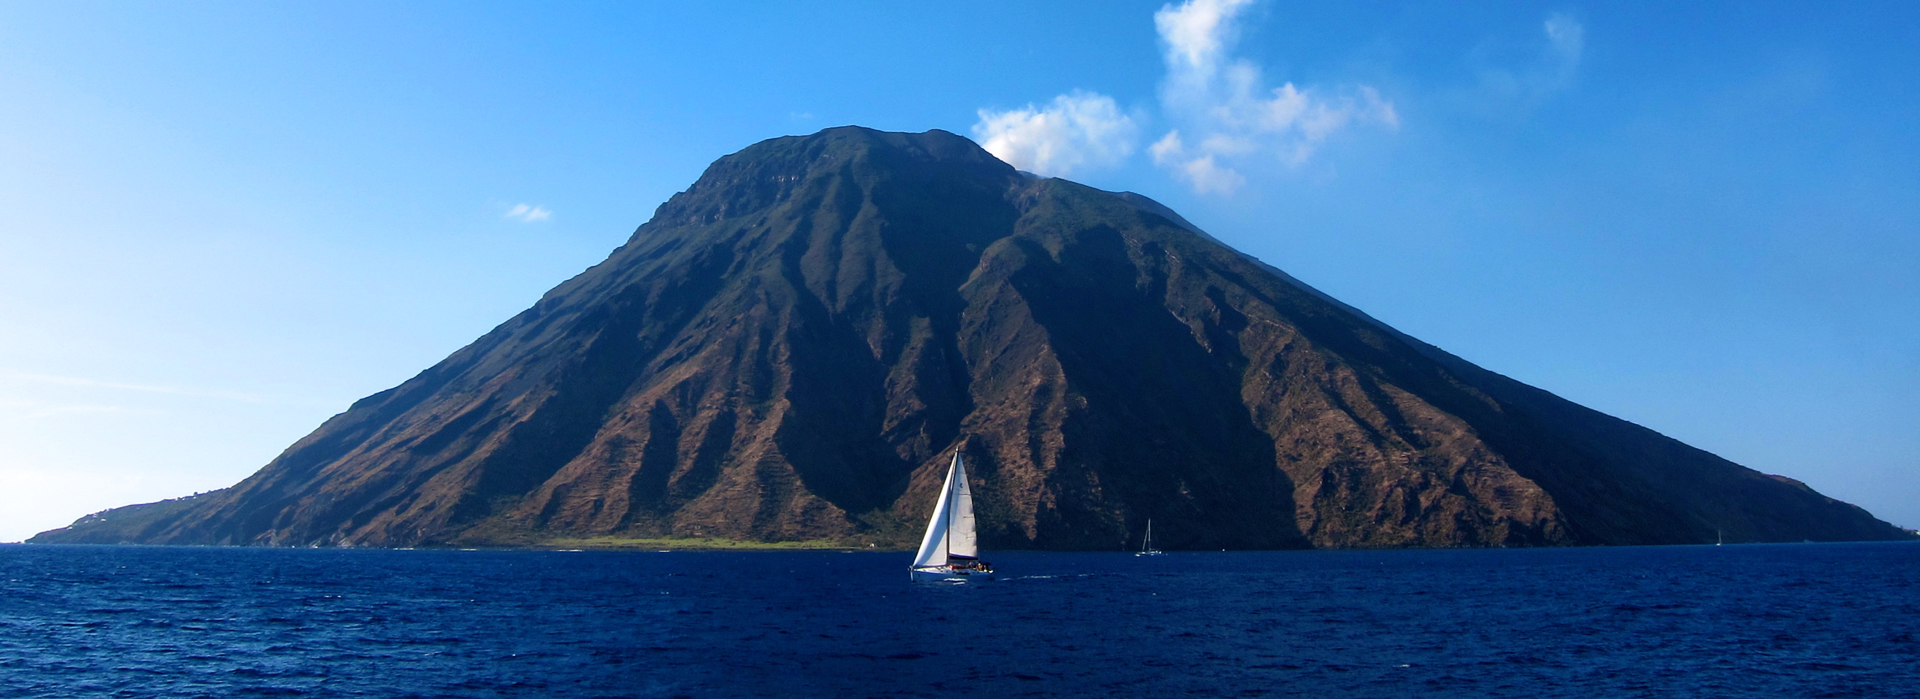 Vakantie met boot: Stromboli